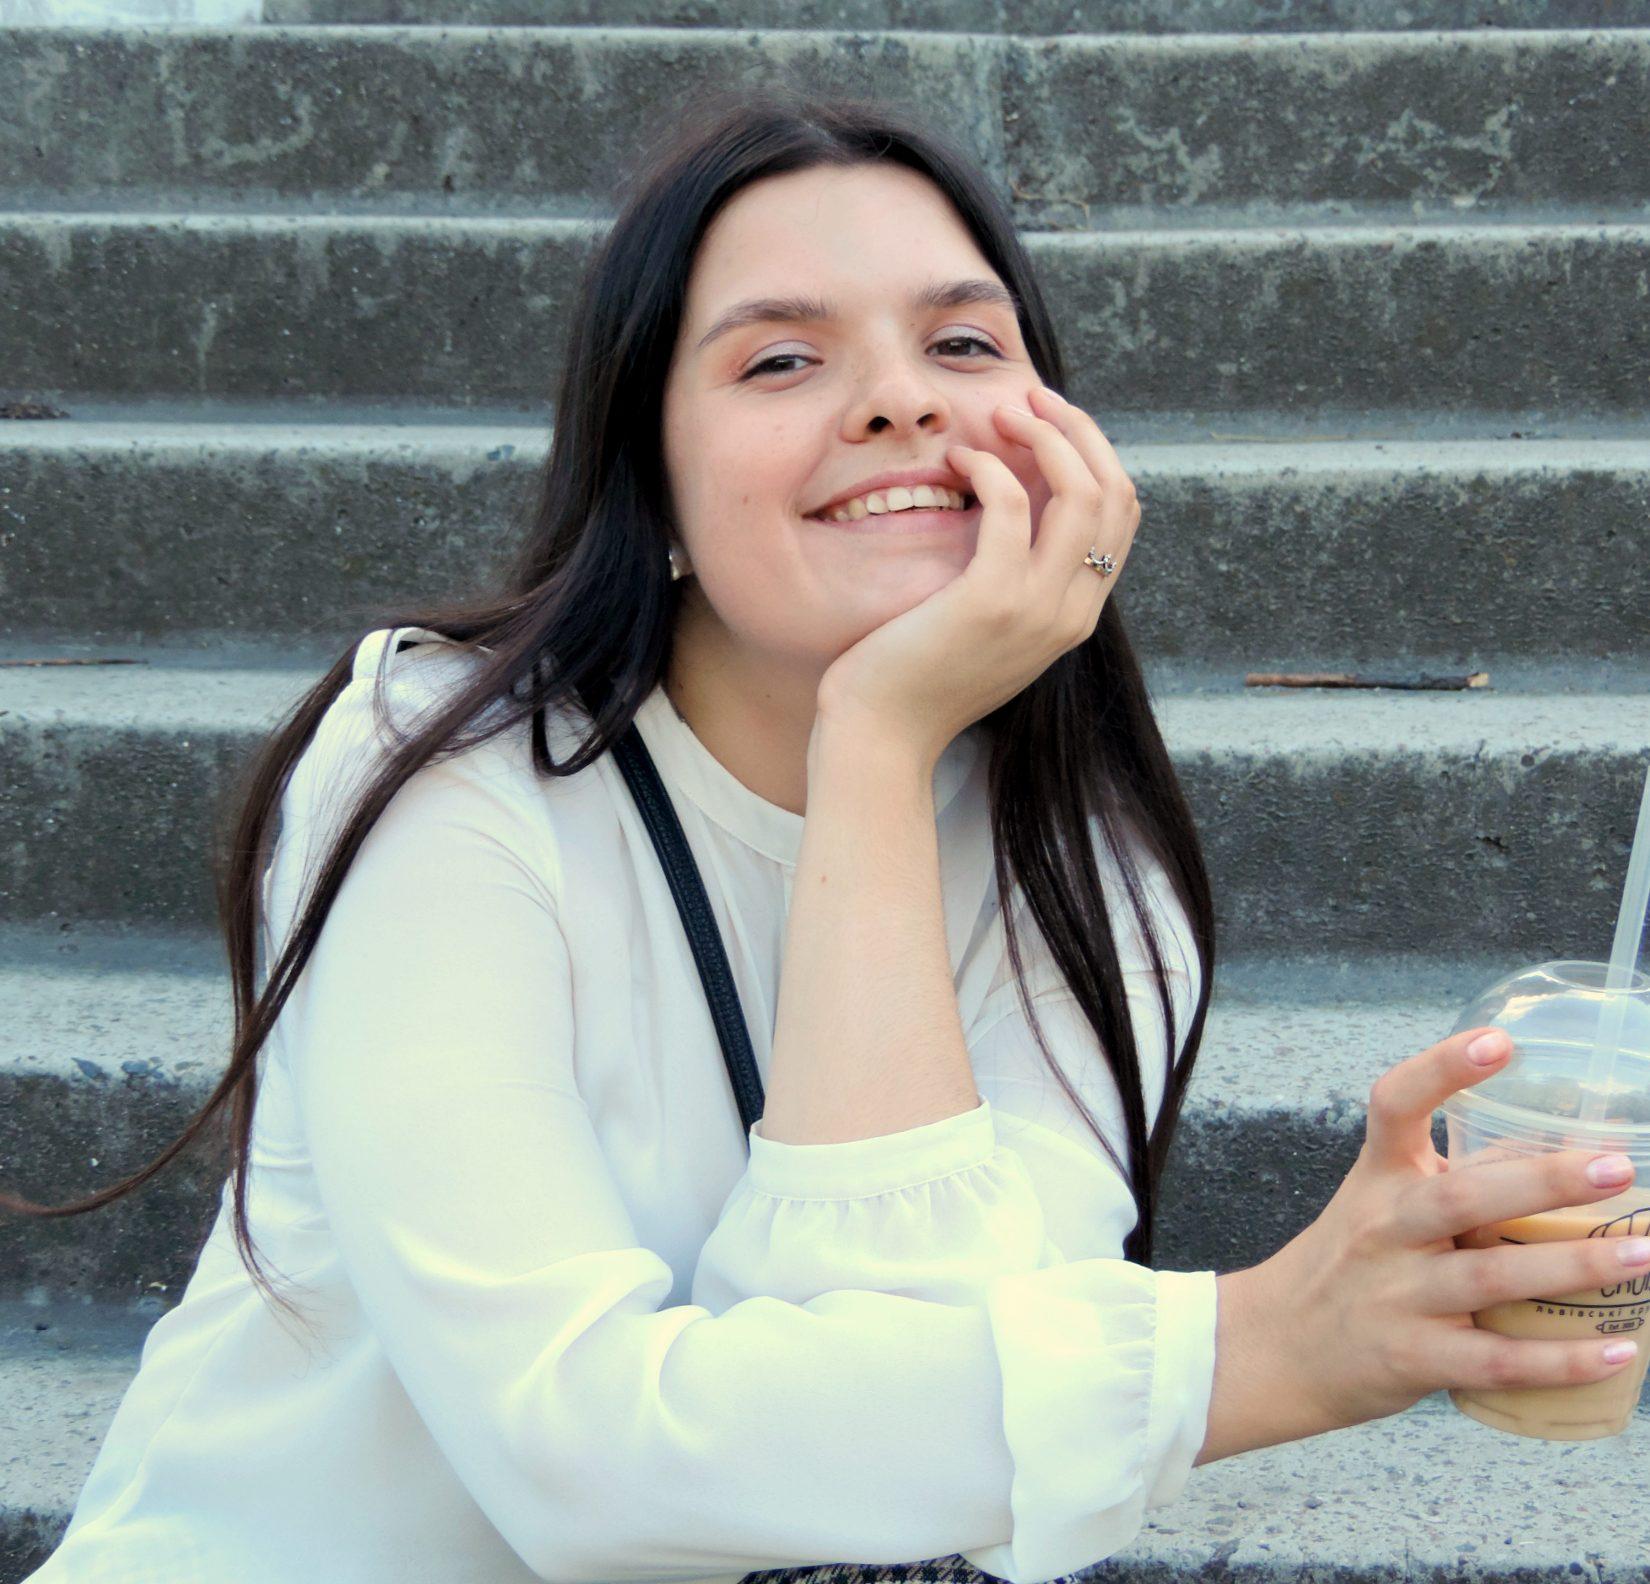 Тетяна Завгородня: «Якщо ти хороший фахівець – робота сама тебе знайде»